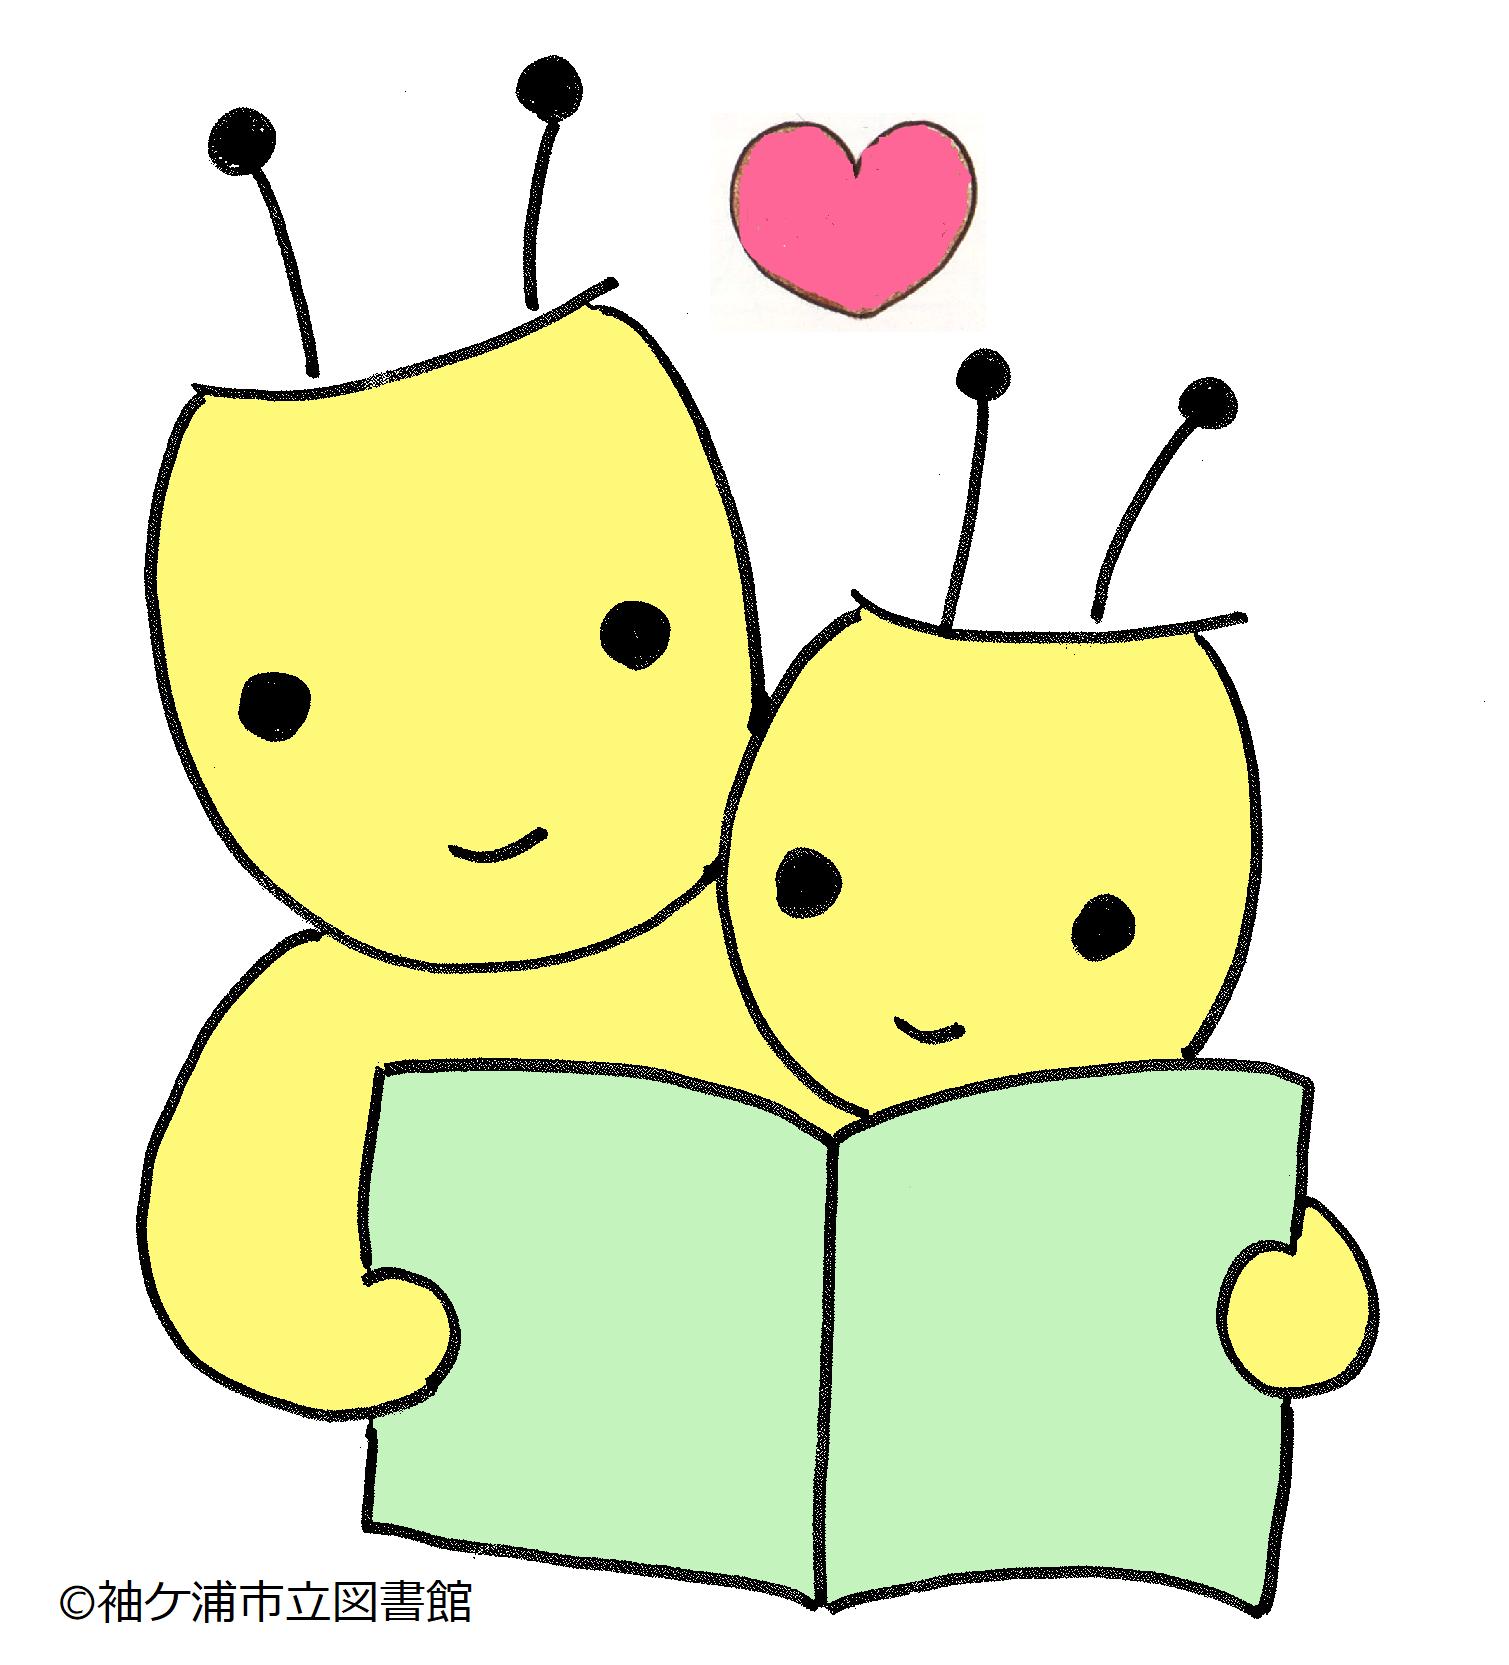 親子で1冊の本を読むトショロのイラスト